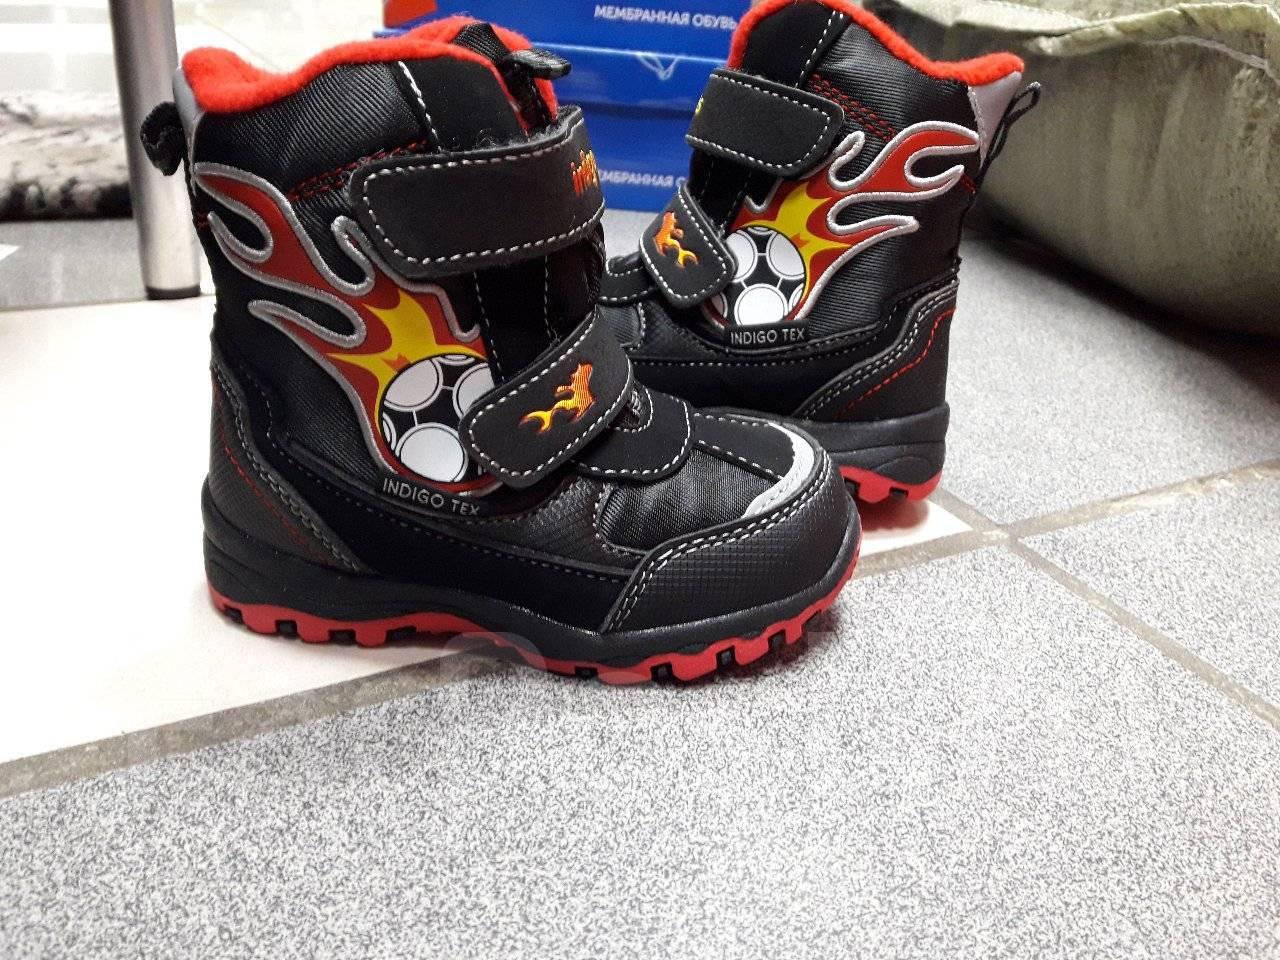 06476953f Детская обувь Размер: 26 размера - купить. Цены. Фото.